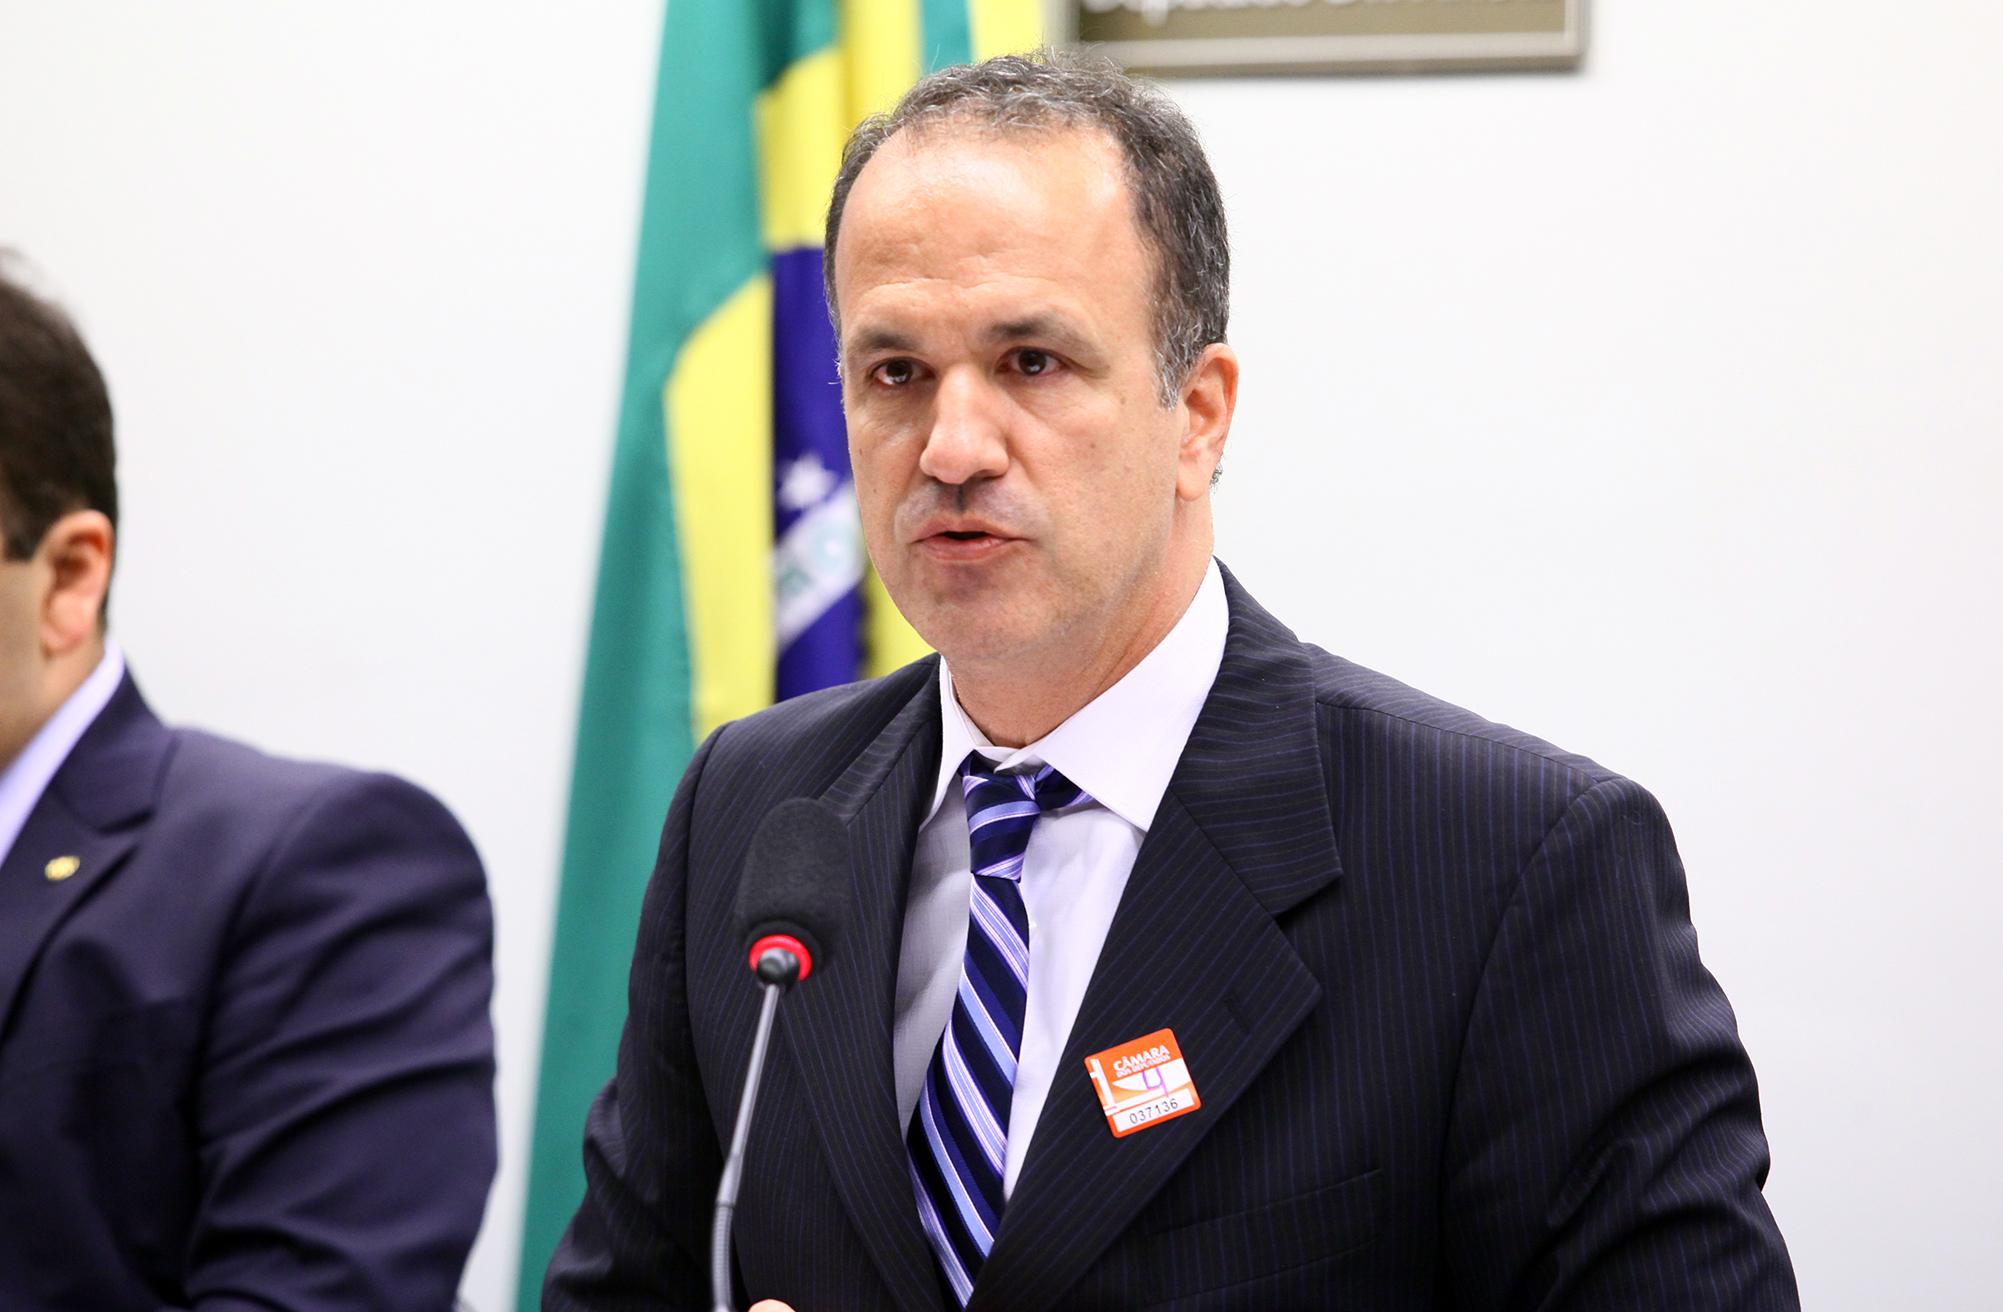 Audiência Pública. Procurador Regional da República da 1ª Região, Guilherme Schelb